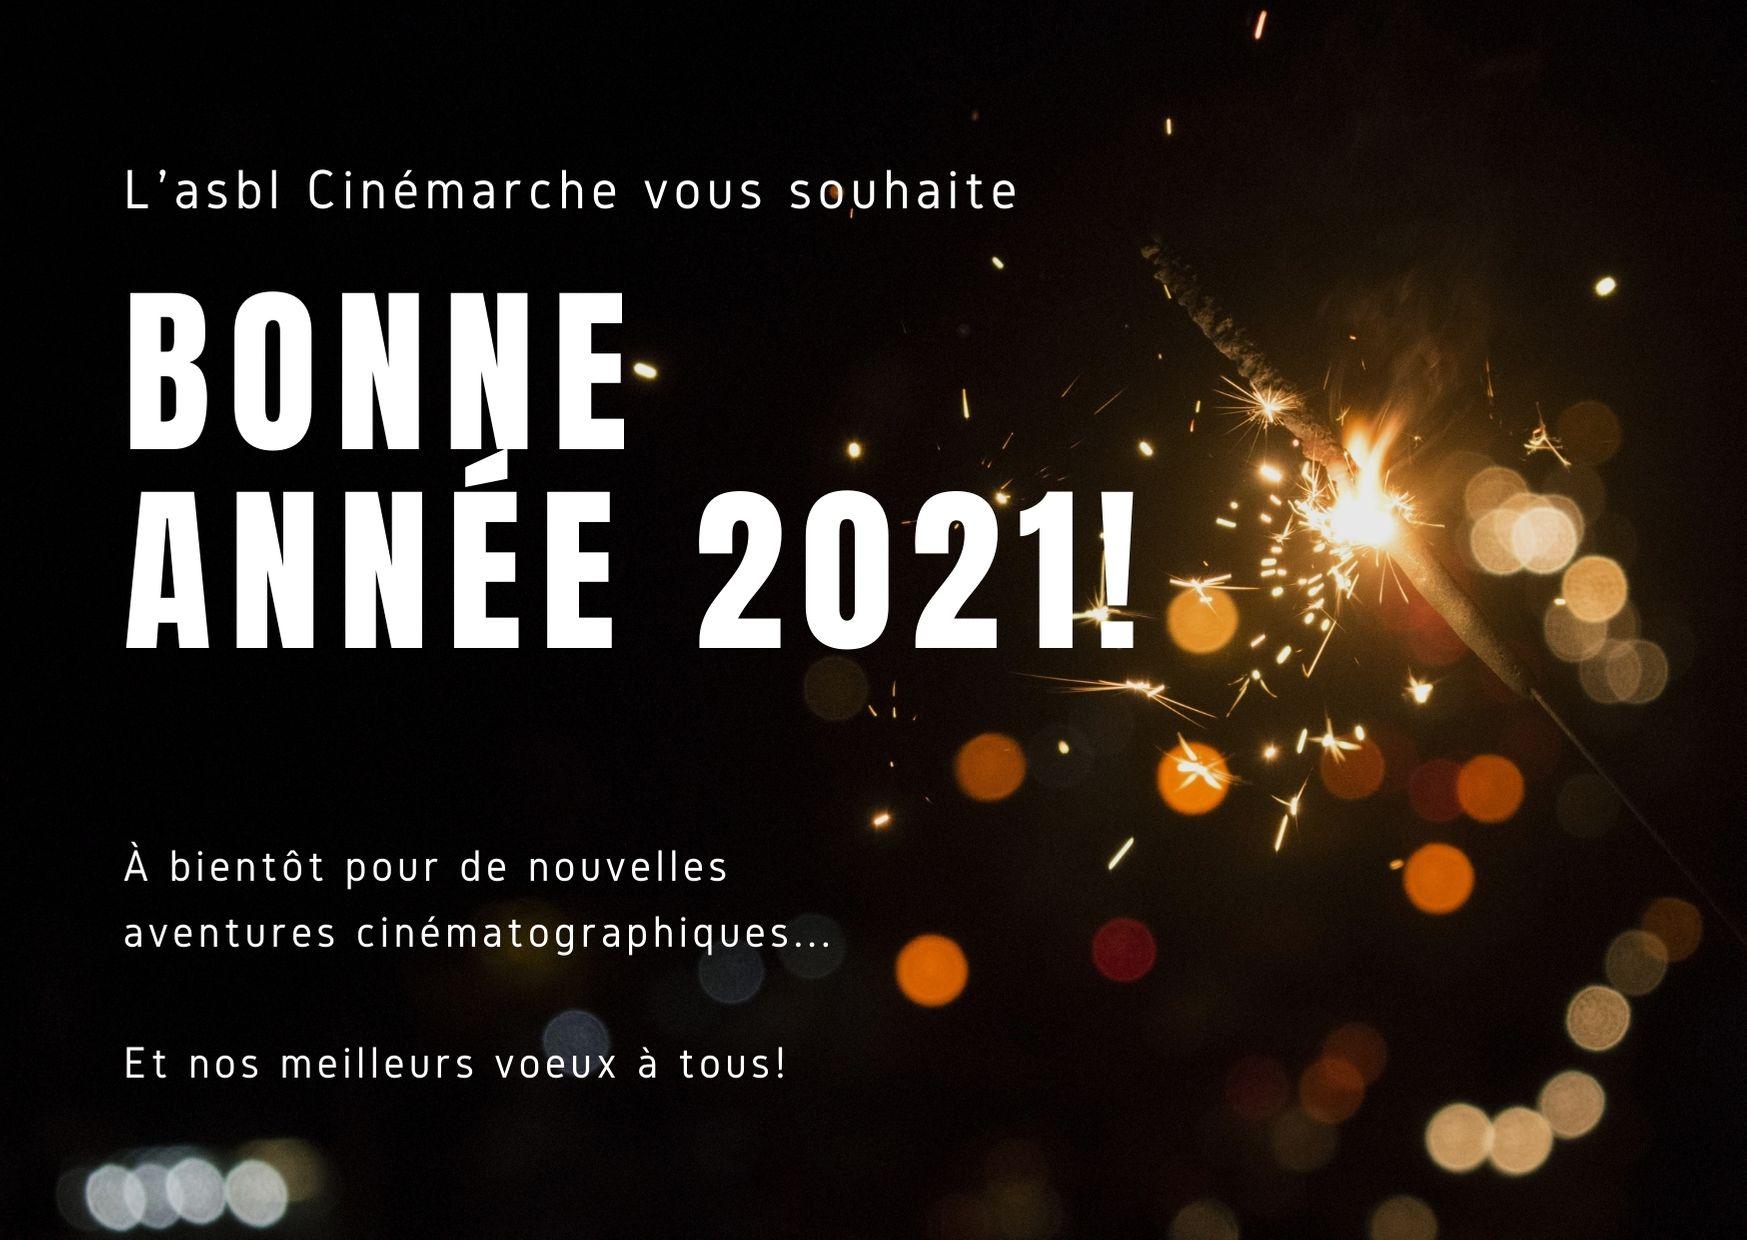 Bonne année 2021!